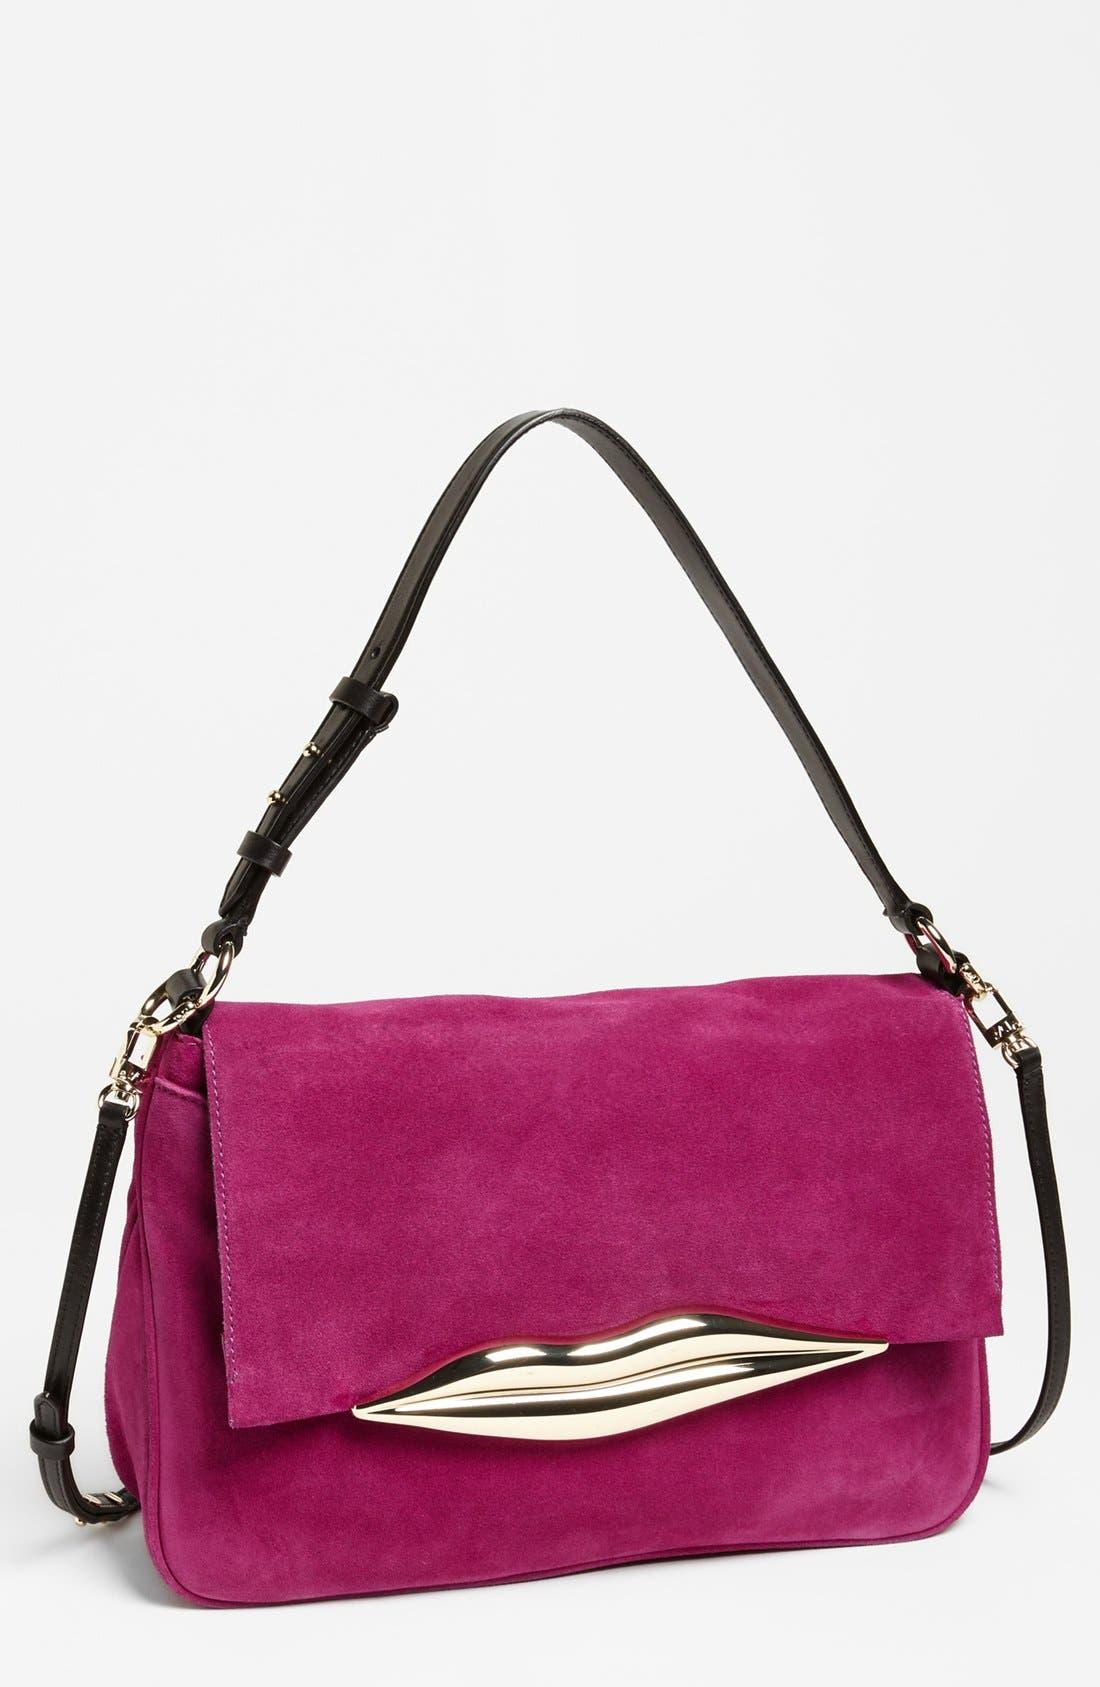 Main Image - Diane von Furstenberg 'Flirty' Shoulder Bag